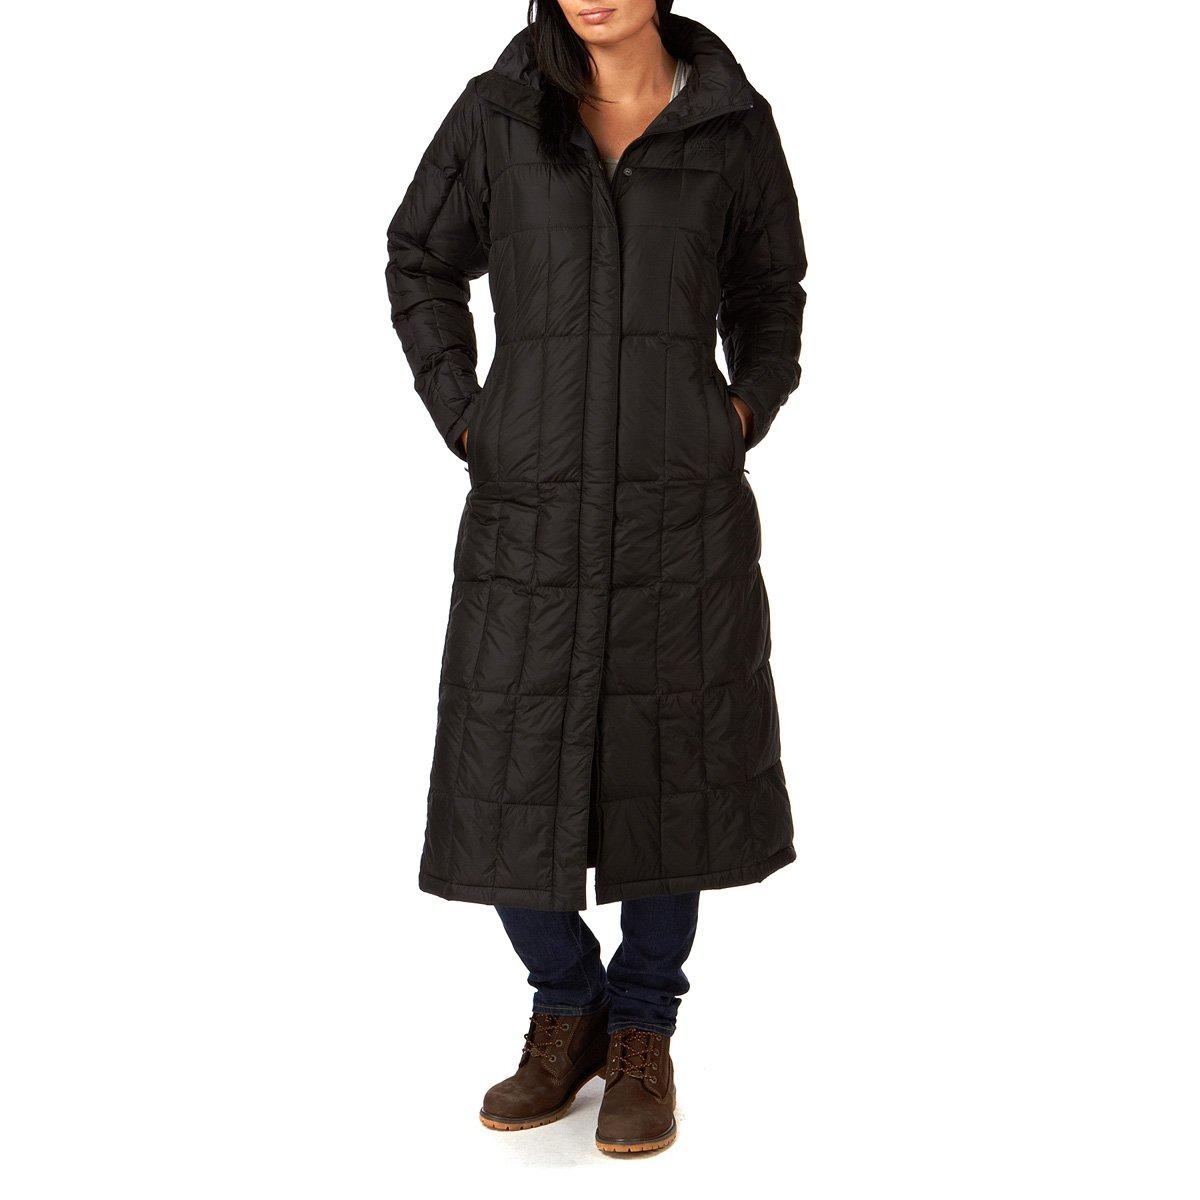 c47d18f88 Amazon.com: The North Face Women's Triple C Jacket (M, TNF Black ...